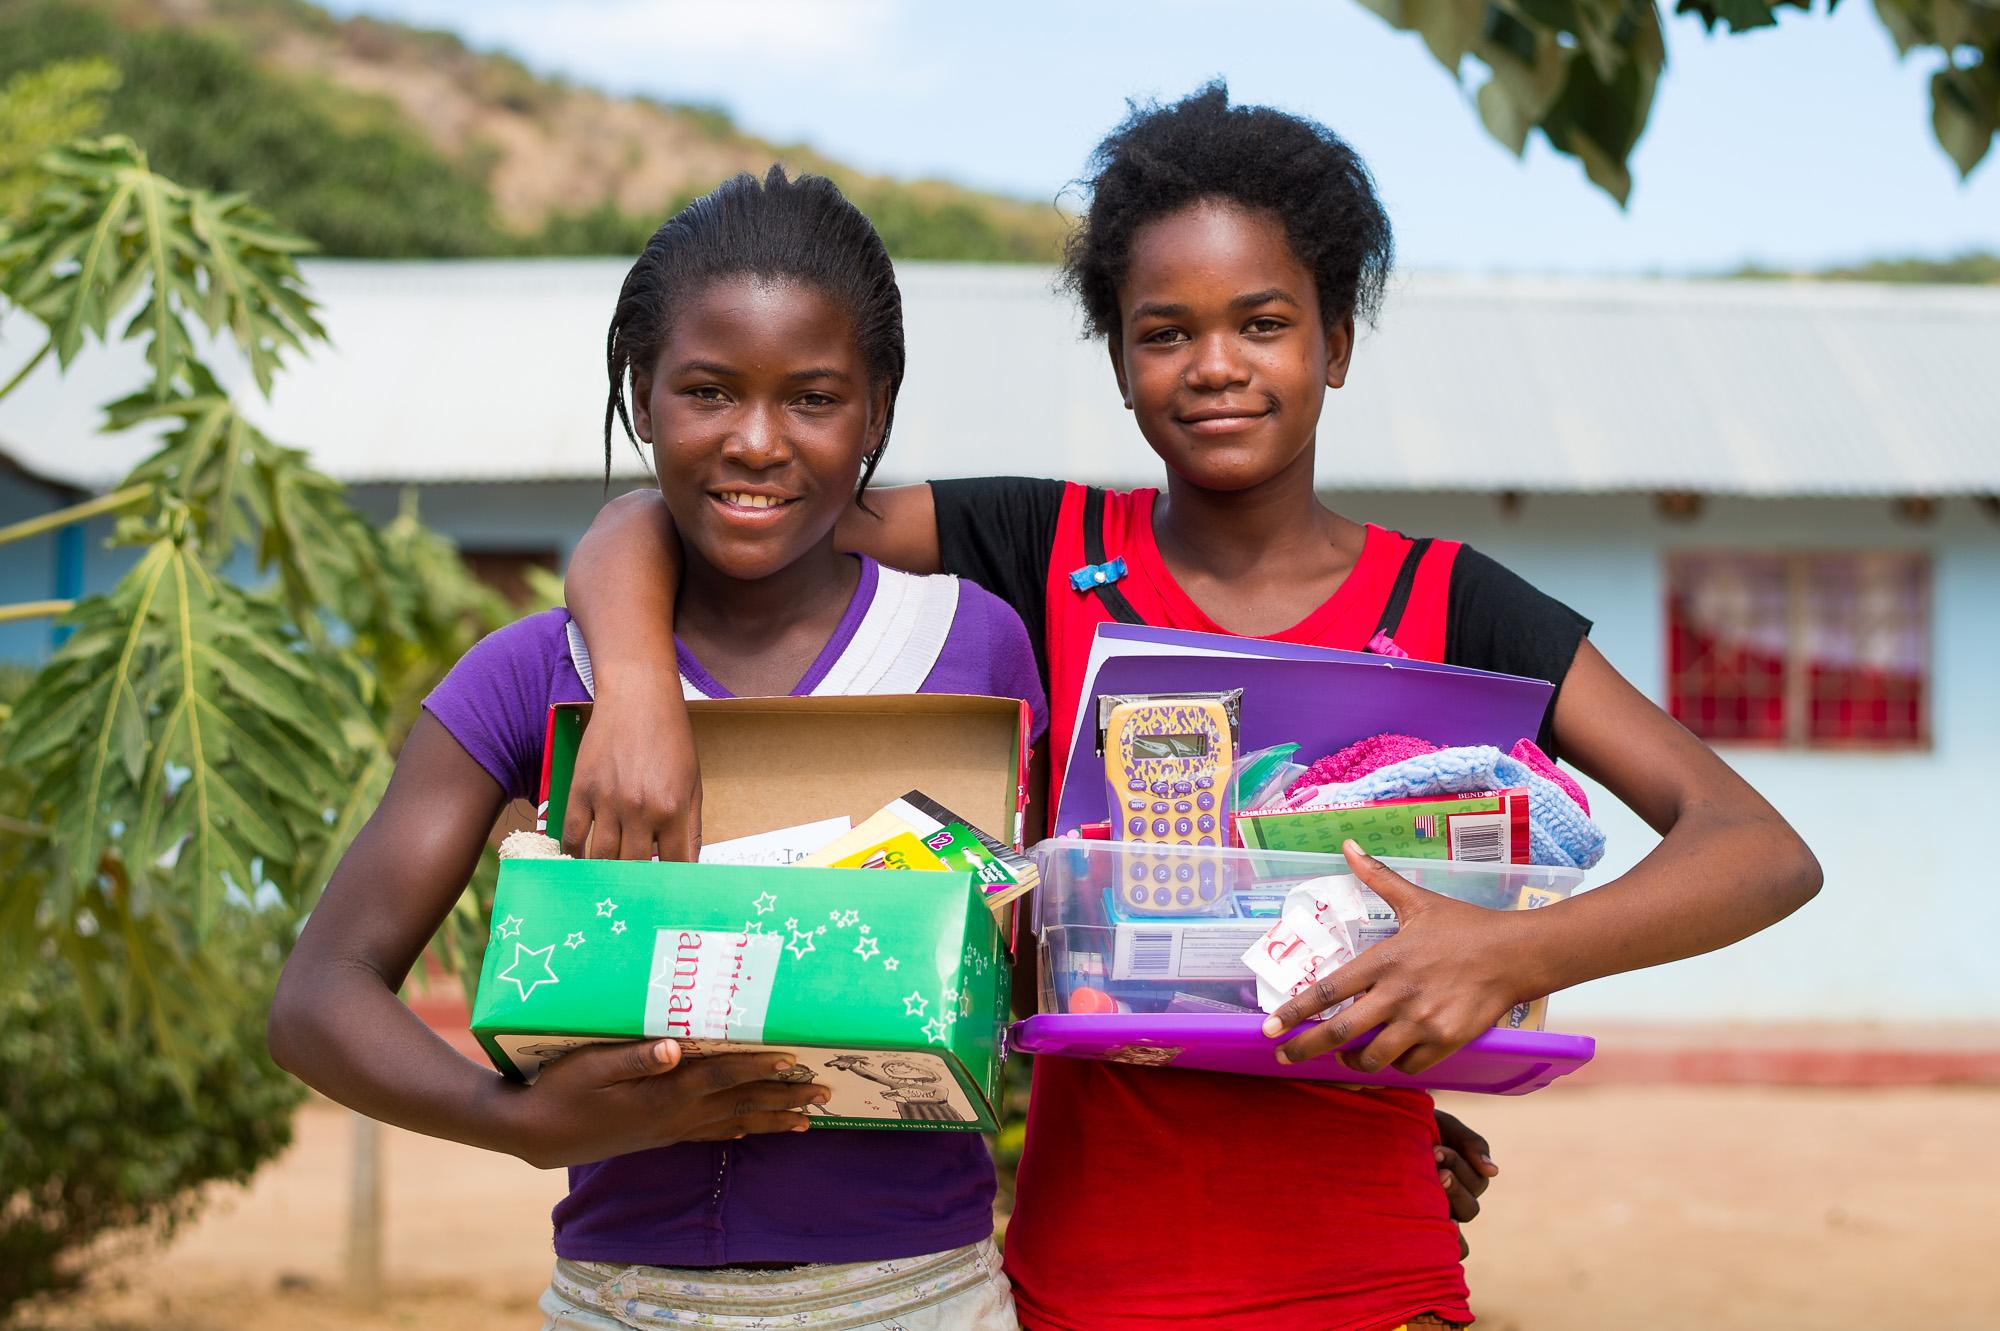 Charity and Mwaka